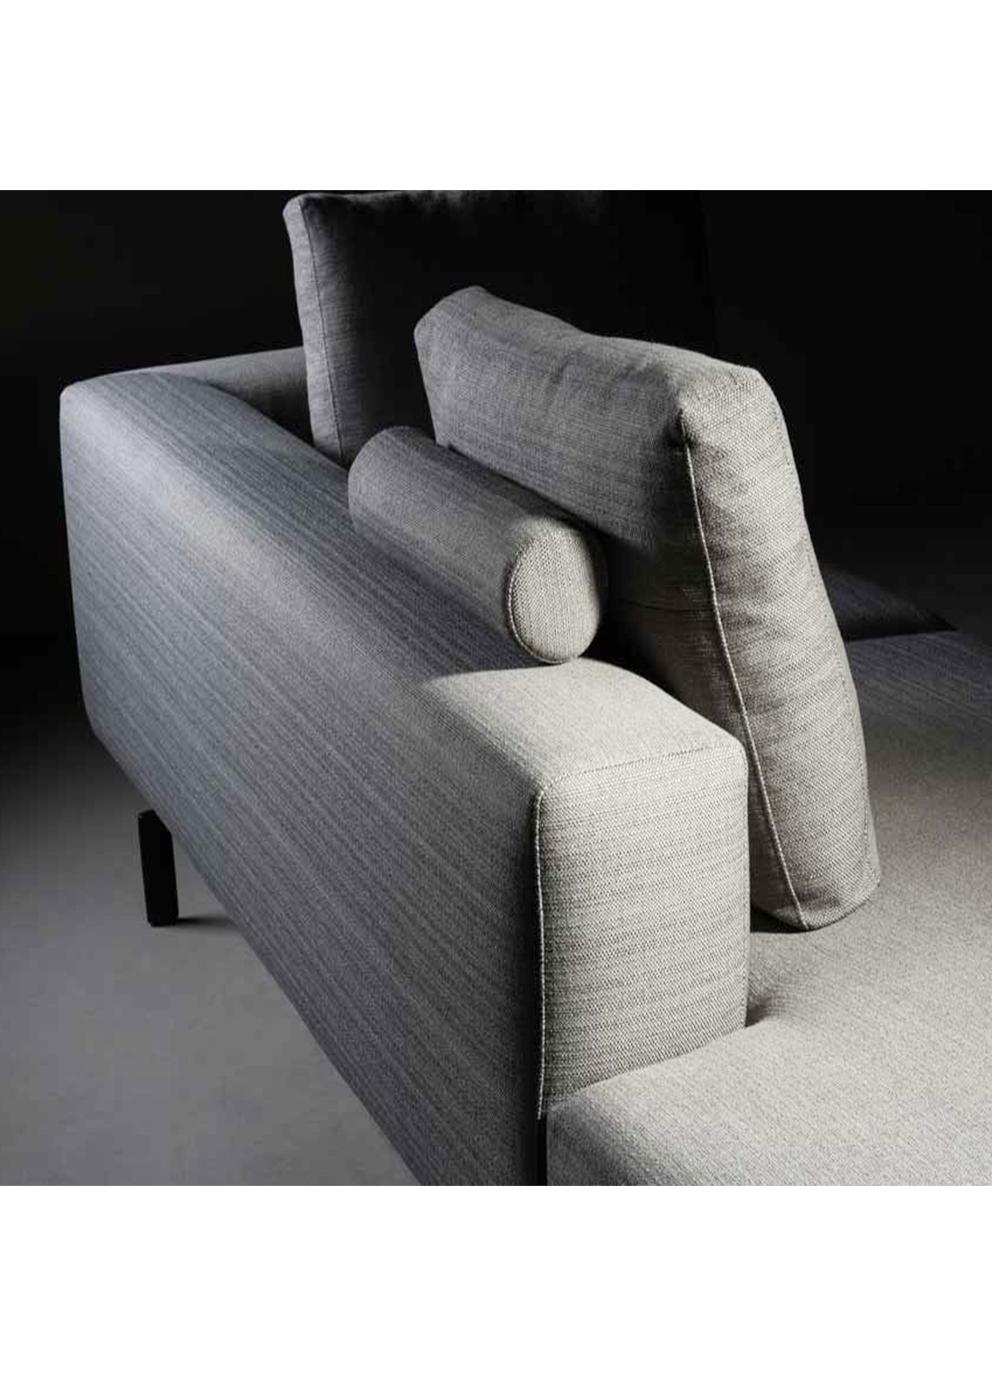 Wonderbaarlijk Outlet bij Evolution: Design Outlet op onze Design Meubelen VY-22